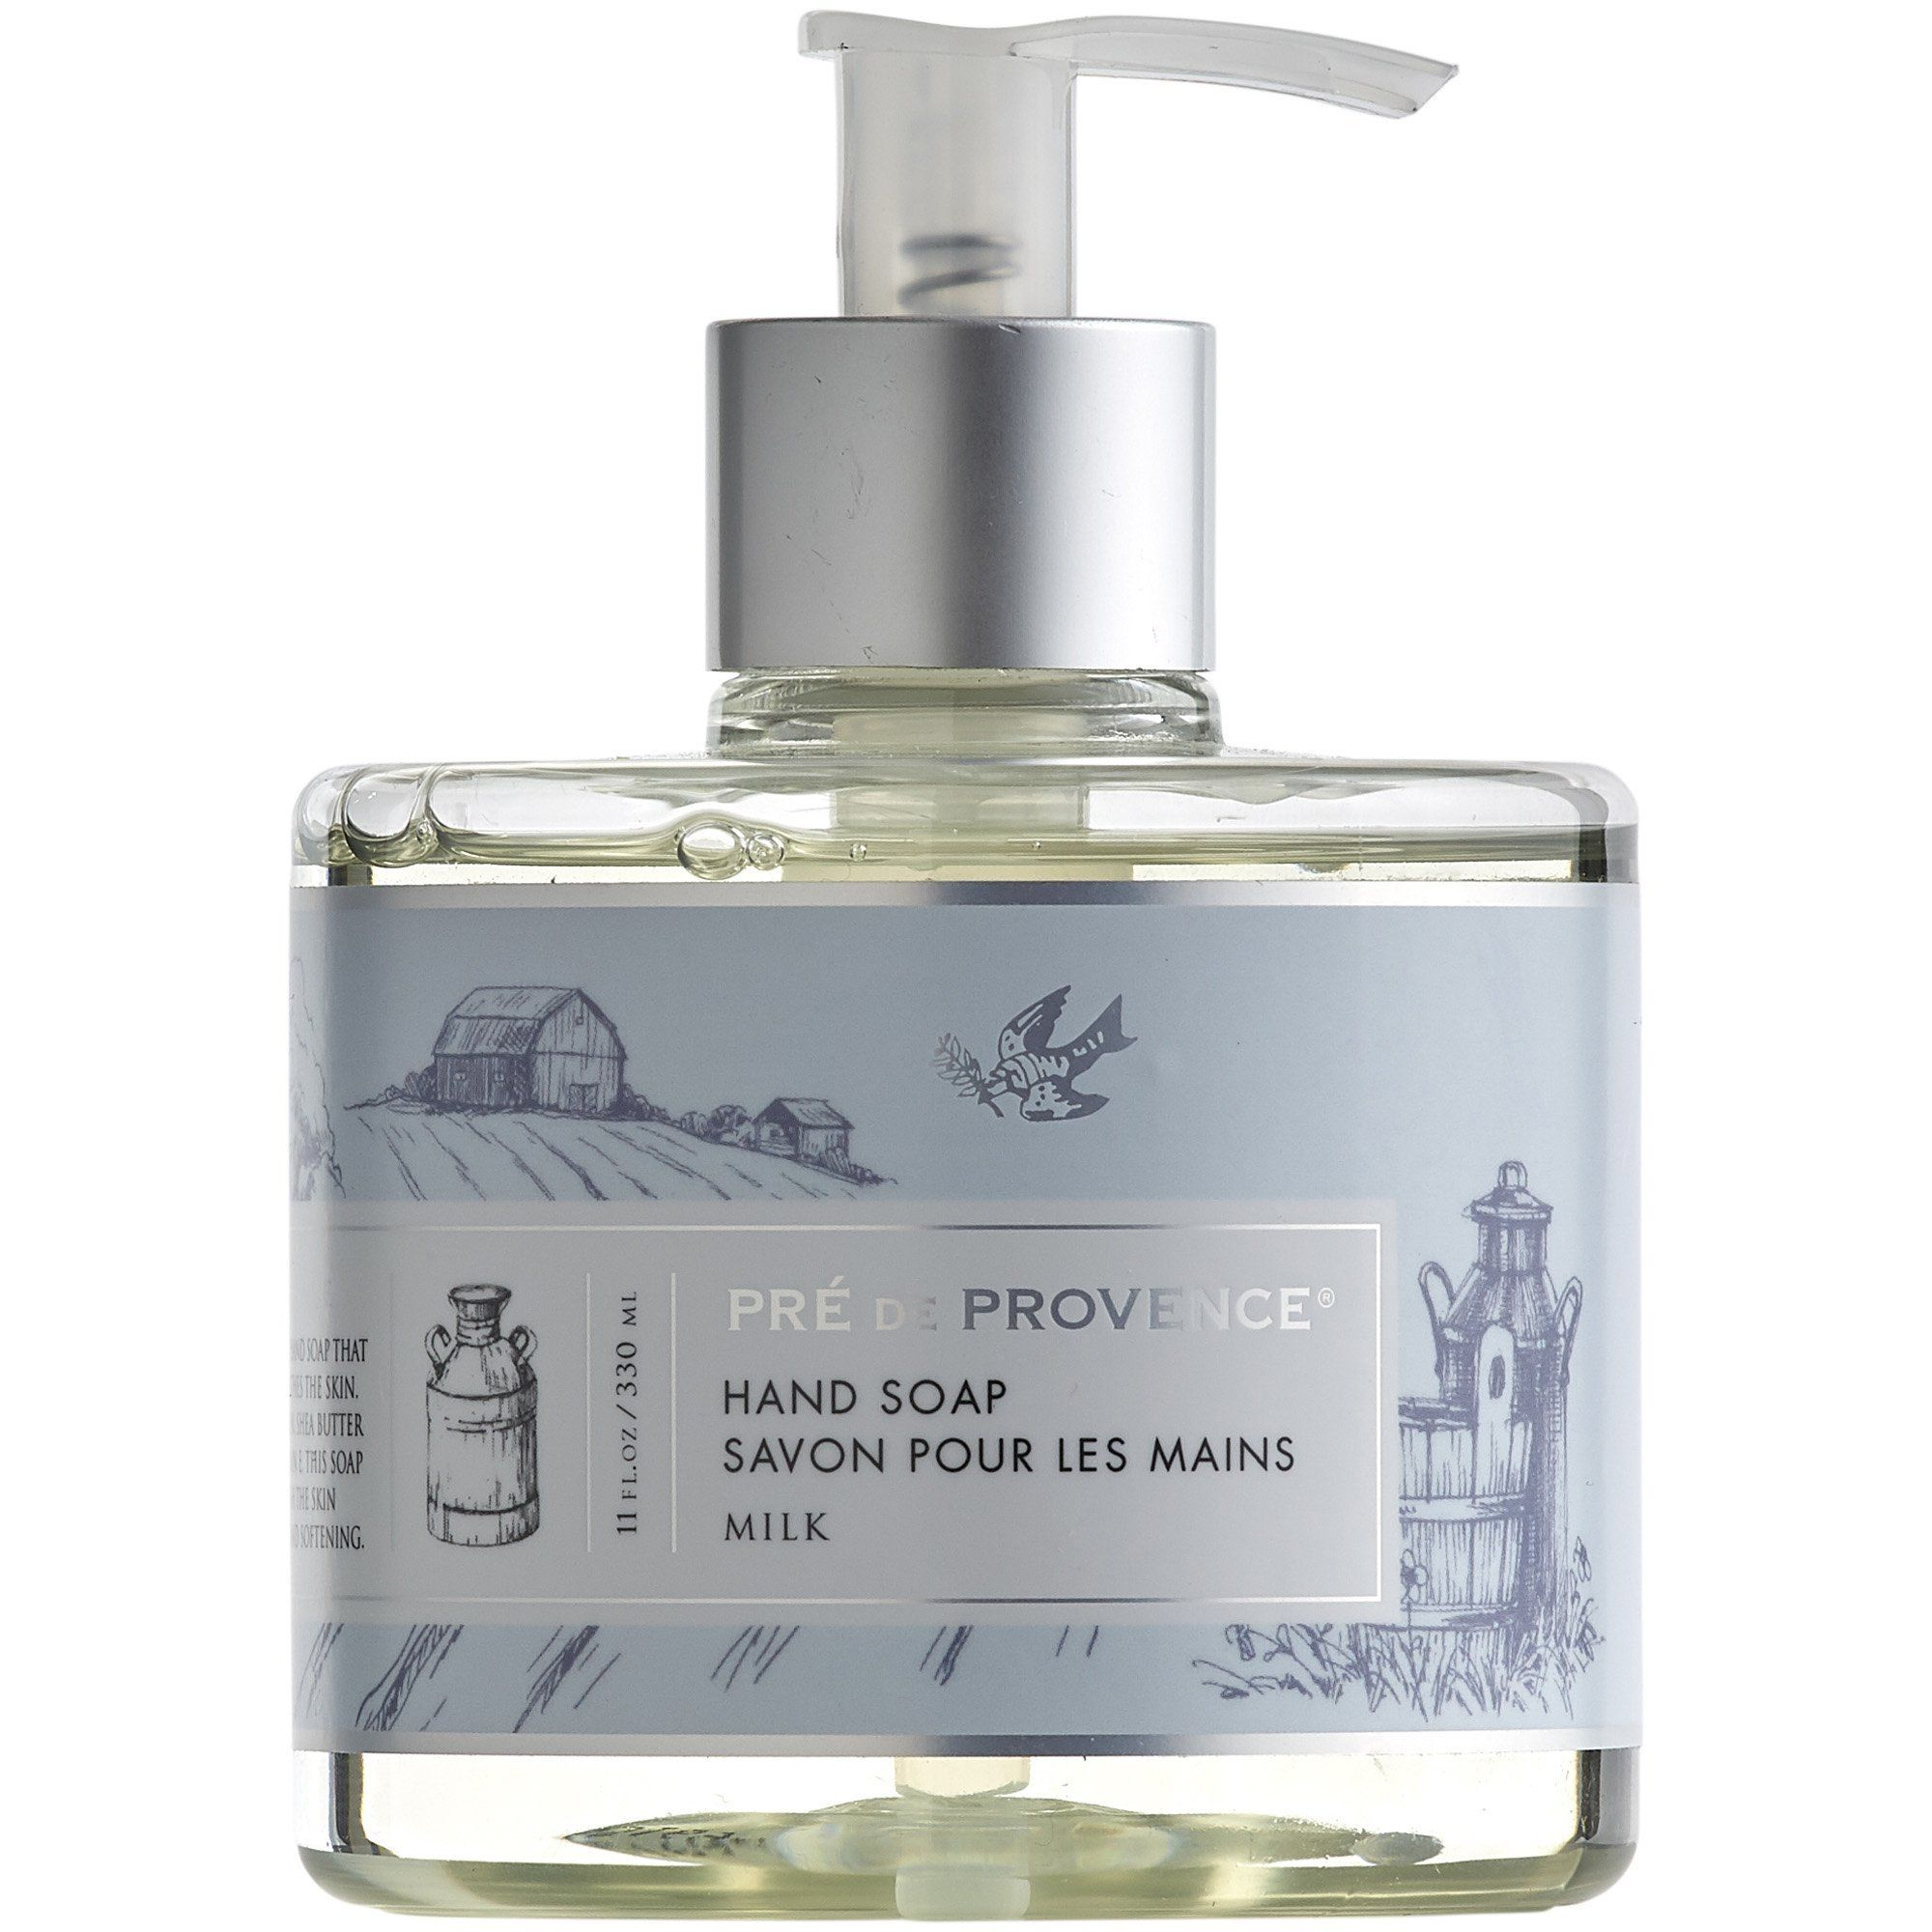 Heritage liquid soap milk liquid soap soap skin cleanse